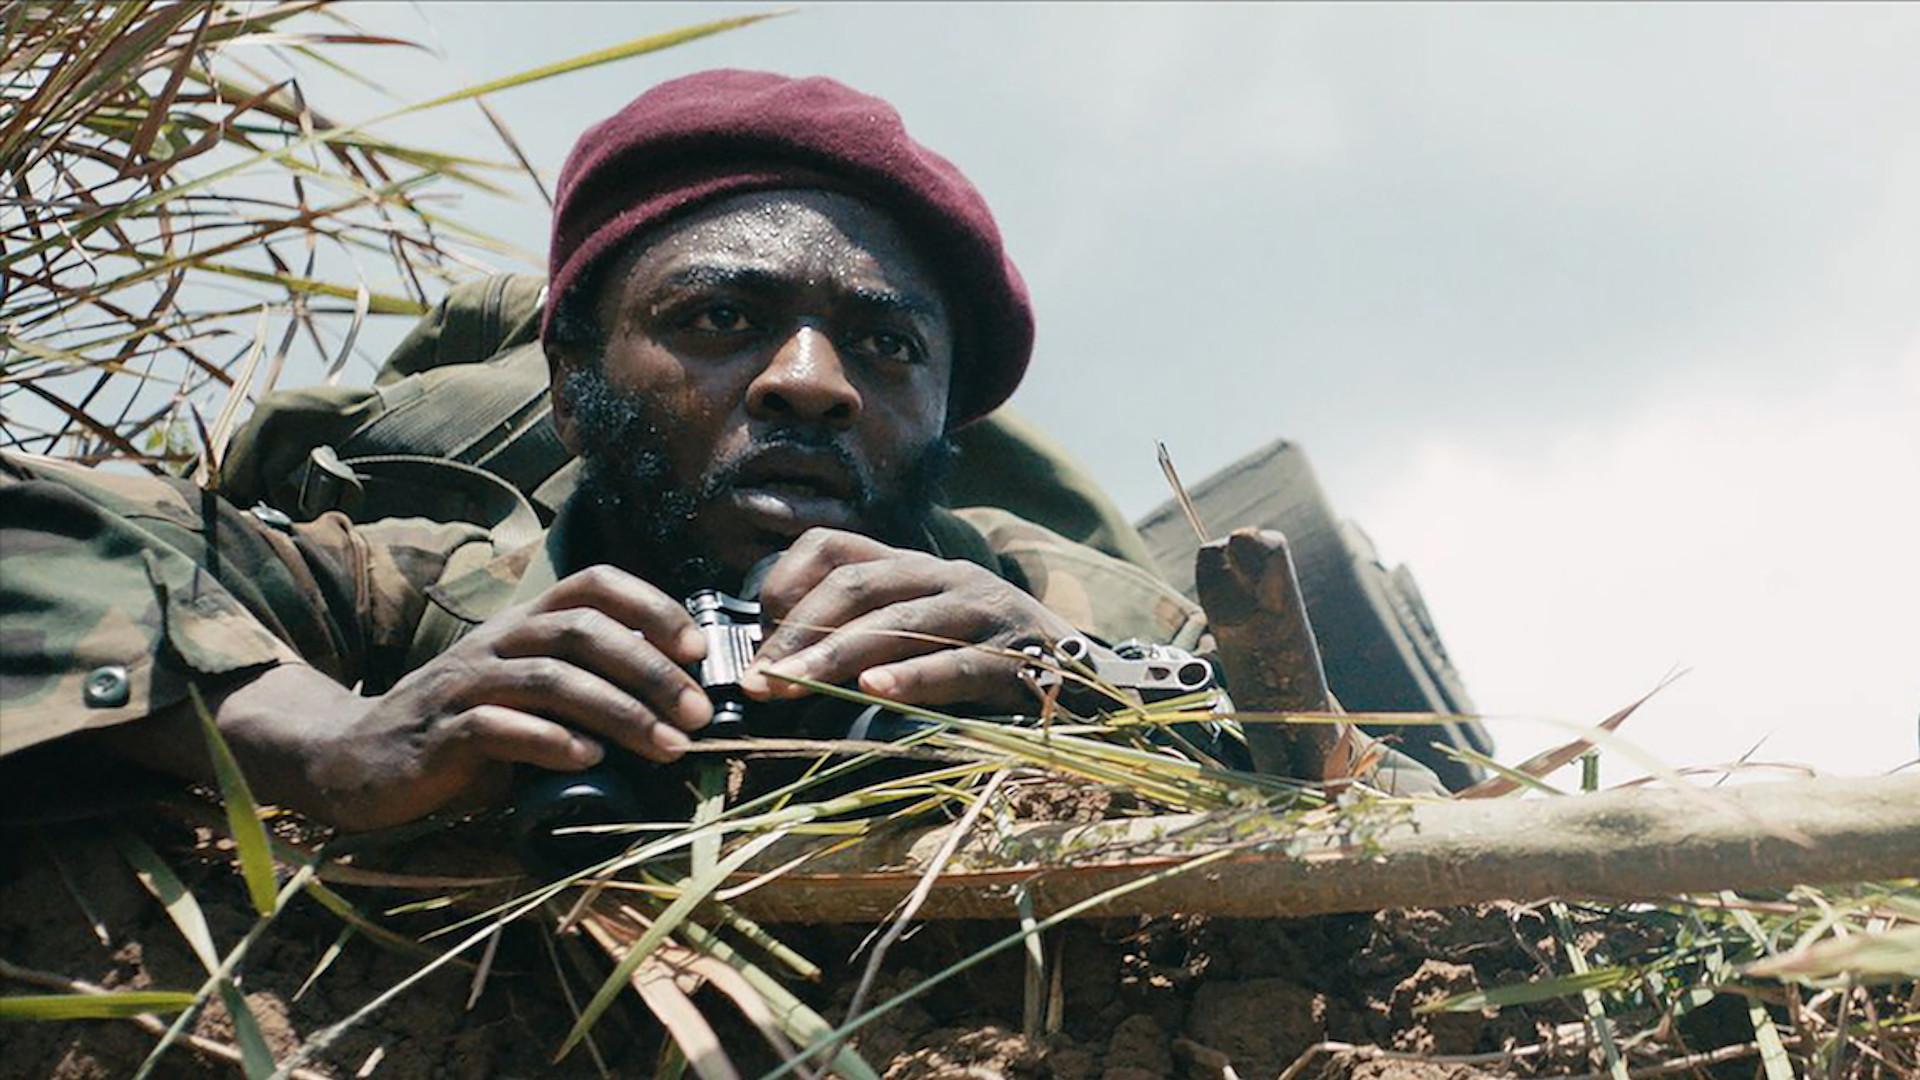 Filmstill La Misericorde de la Jungle